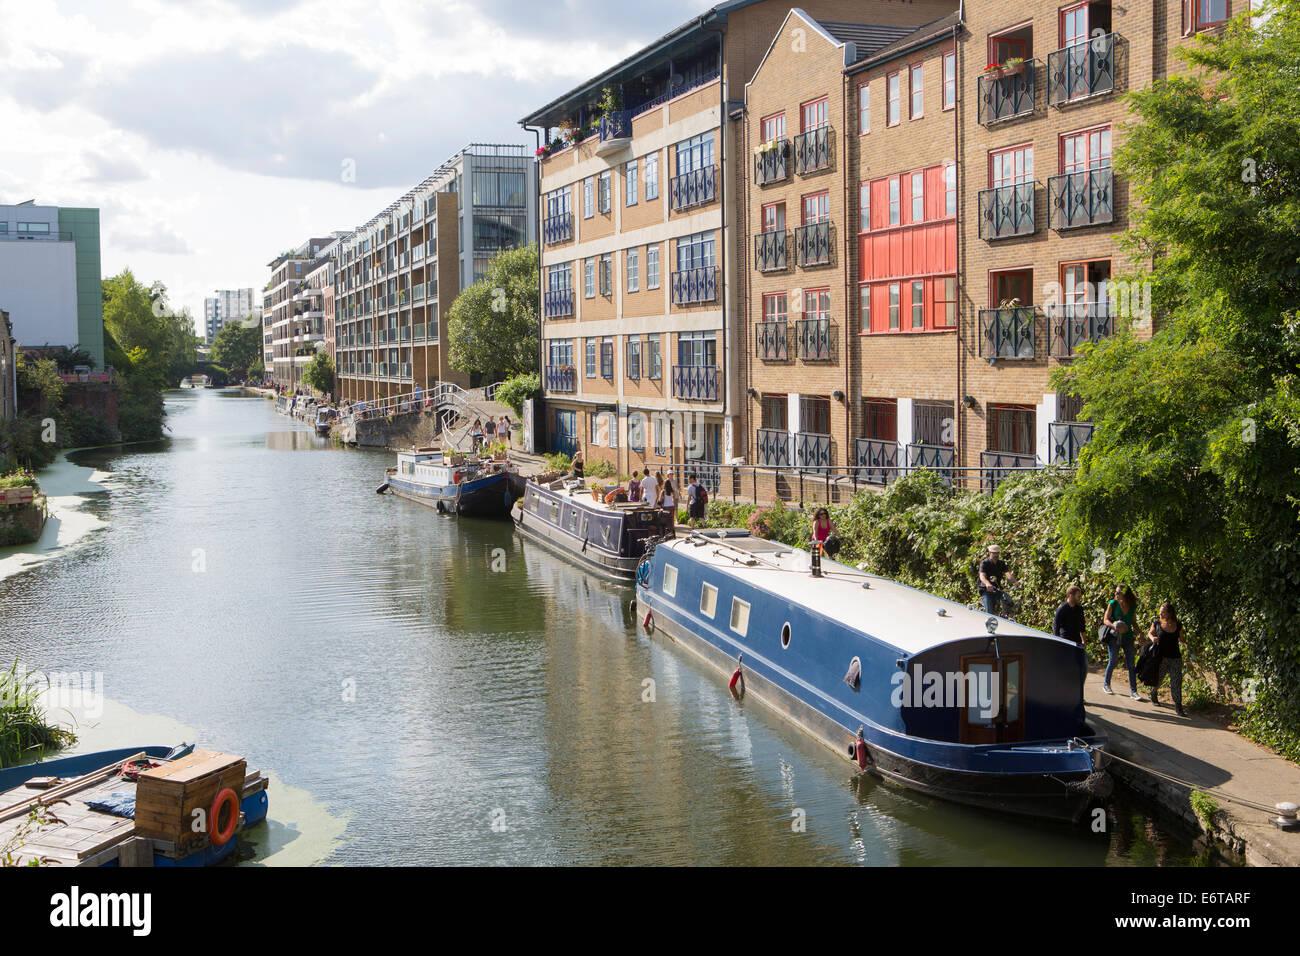 Narrowboats sur le Regent's Canal près de Camden - partie du Grand Union Canal, Londres, Angleterre Photo Stock